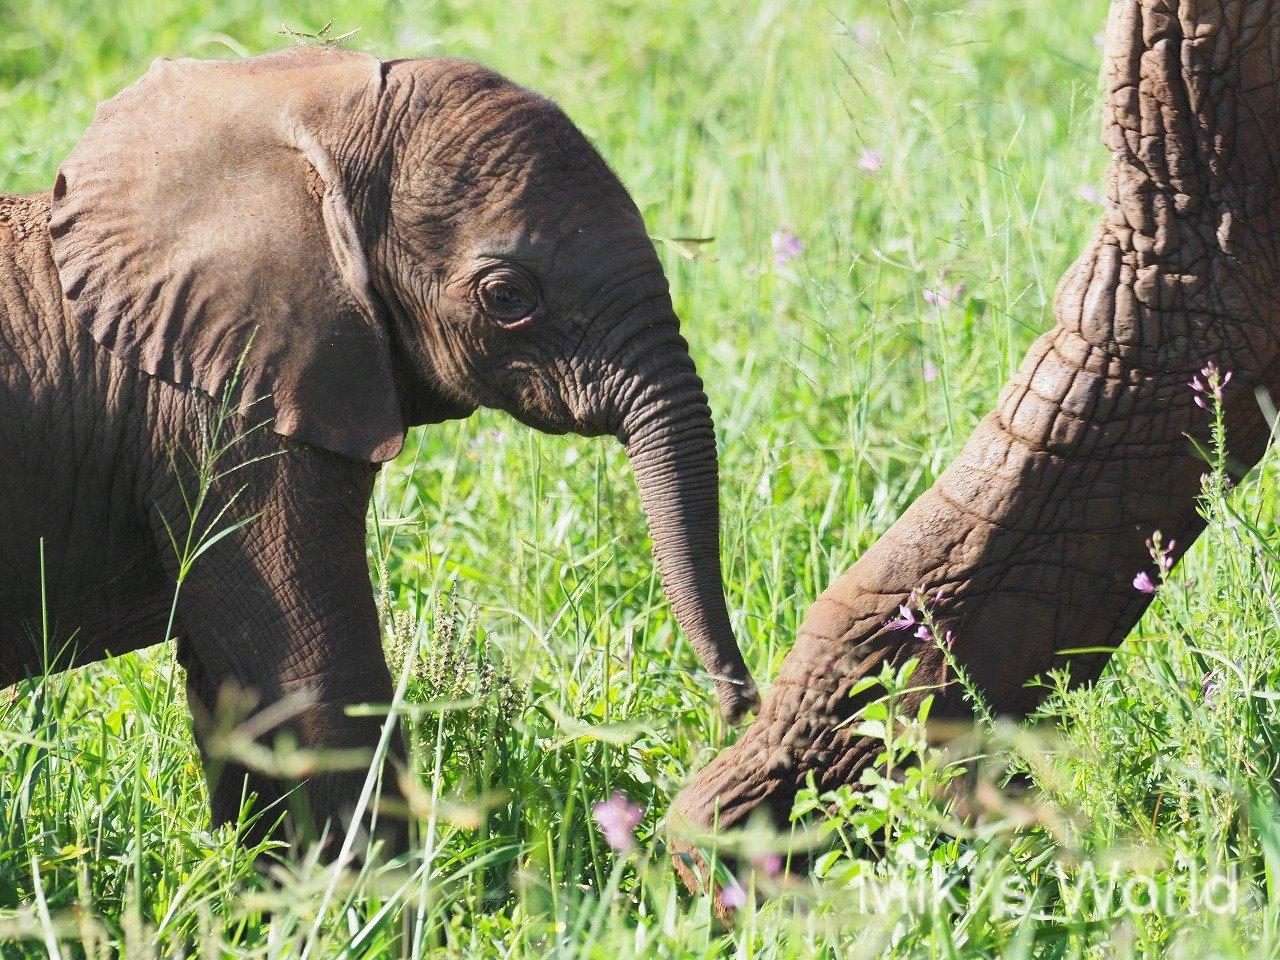 アフリカゾウの皮膚のひび割れは適応した結果 ナショナルジオグラフィック2019年3月号より